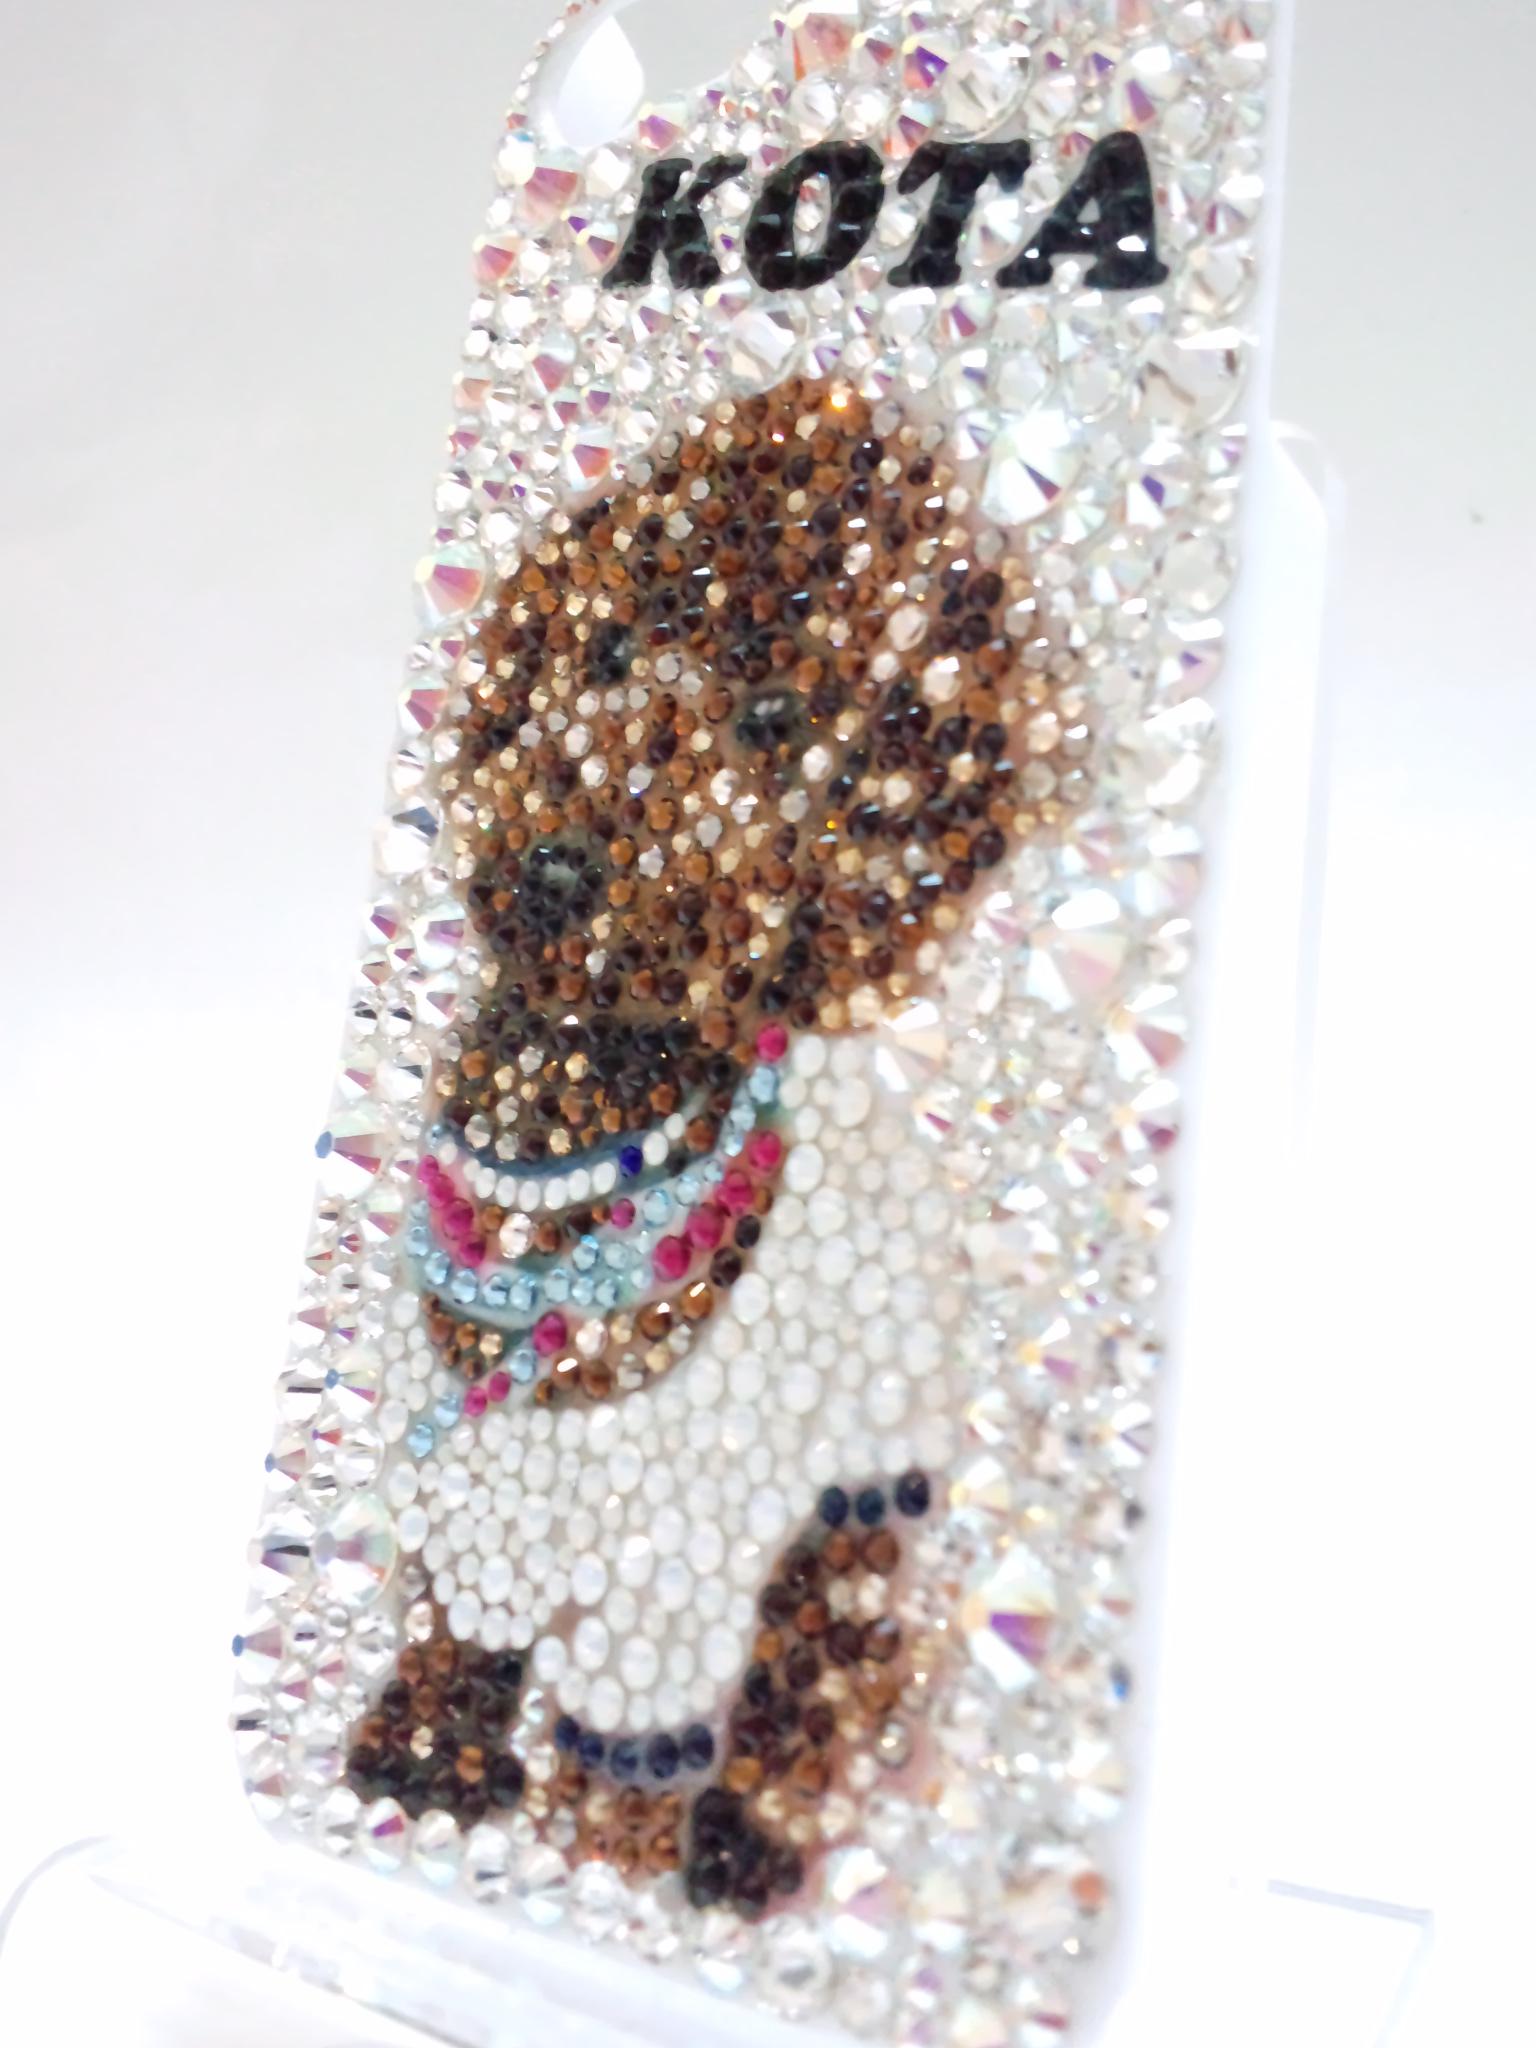 Iphone5 ペット 犬 デコ 『kota』 参考価格 ¥30 000 ファストルックス